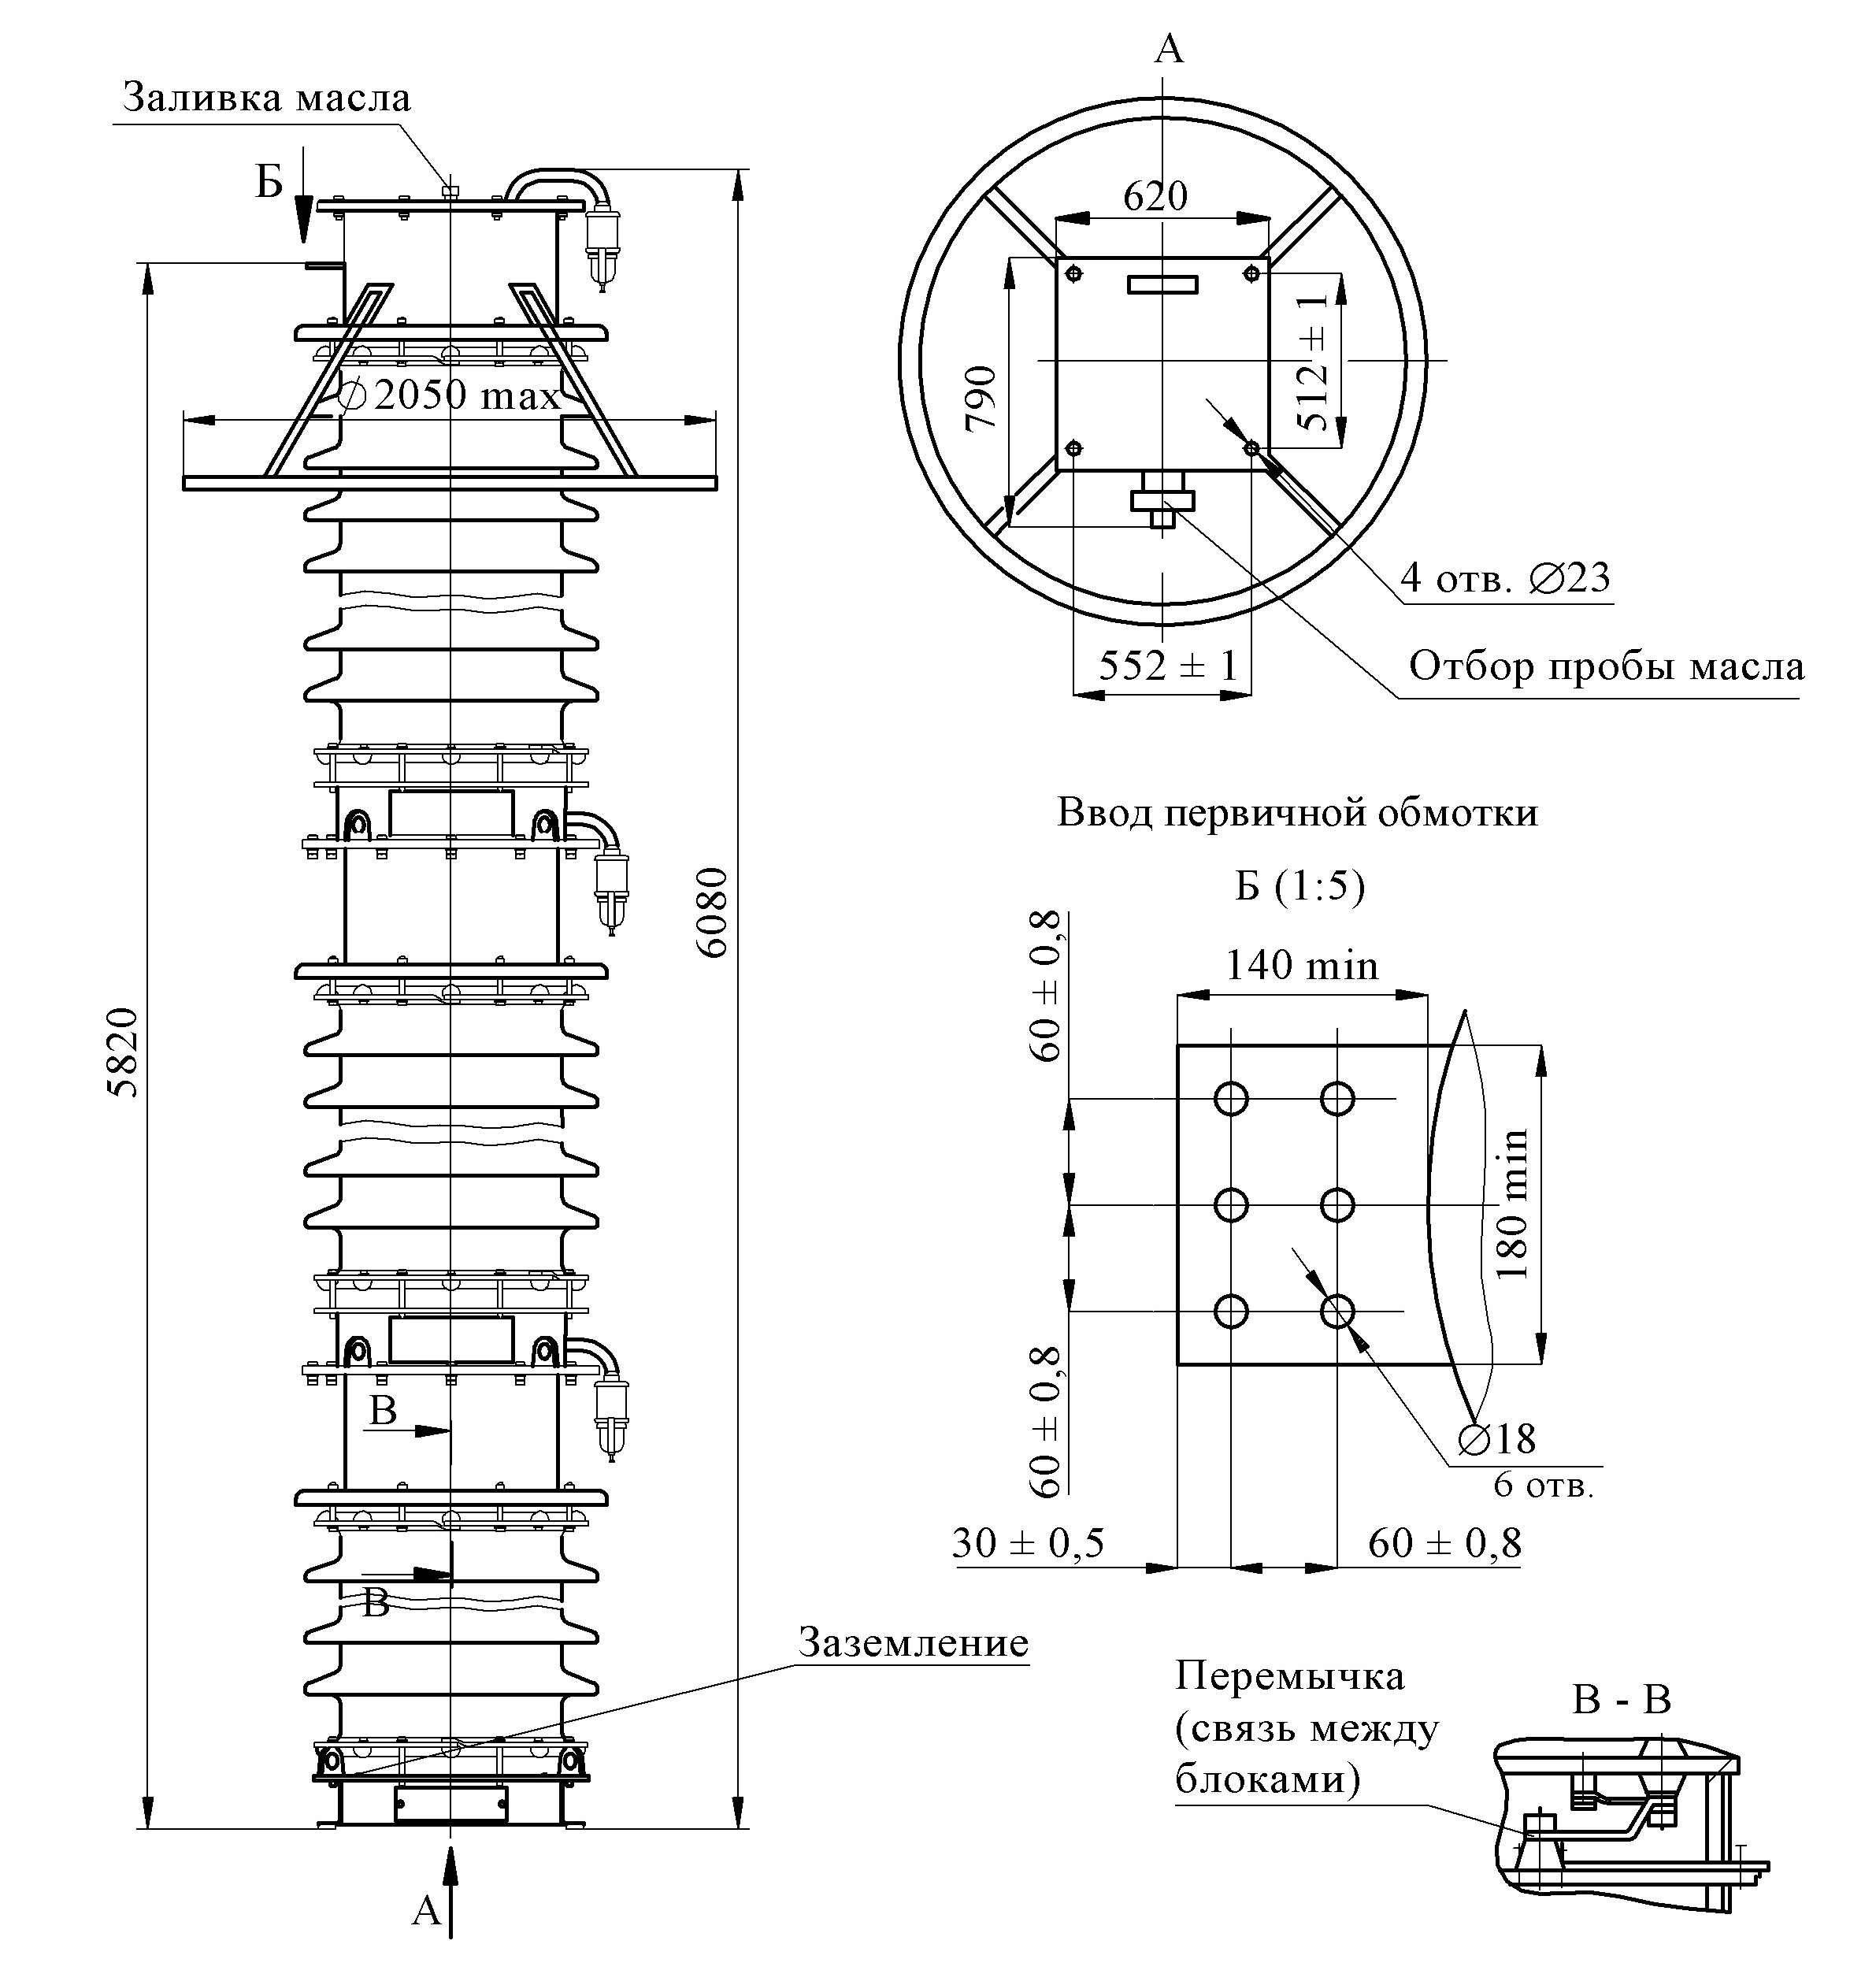 Трансформатор напряжения НКФ–М-500 I У1 (класс точности 1,0)